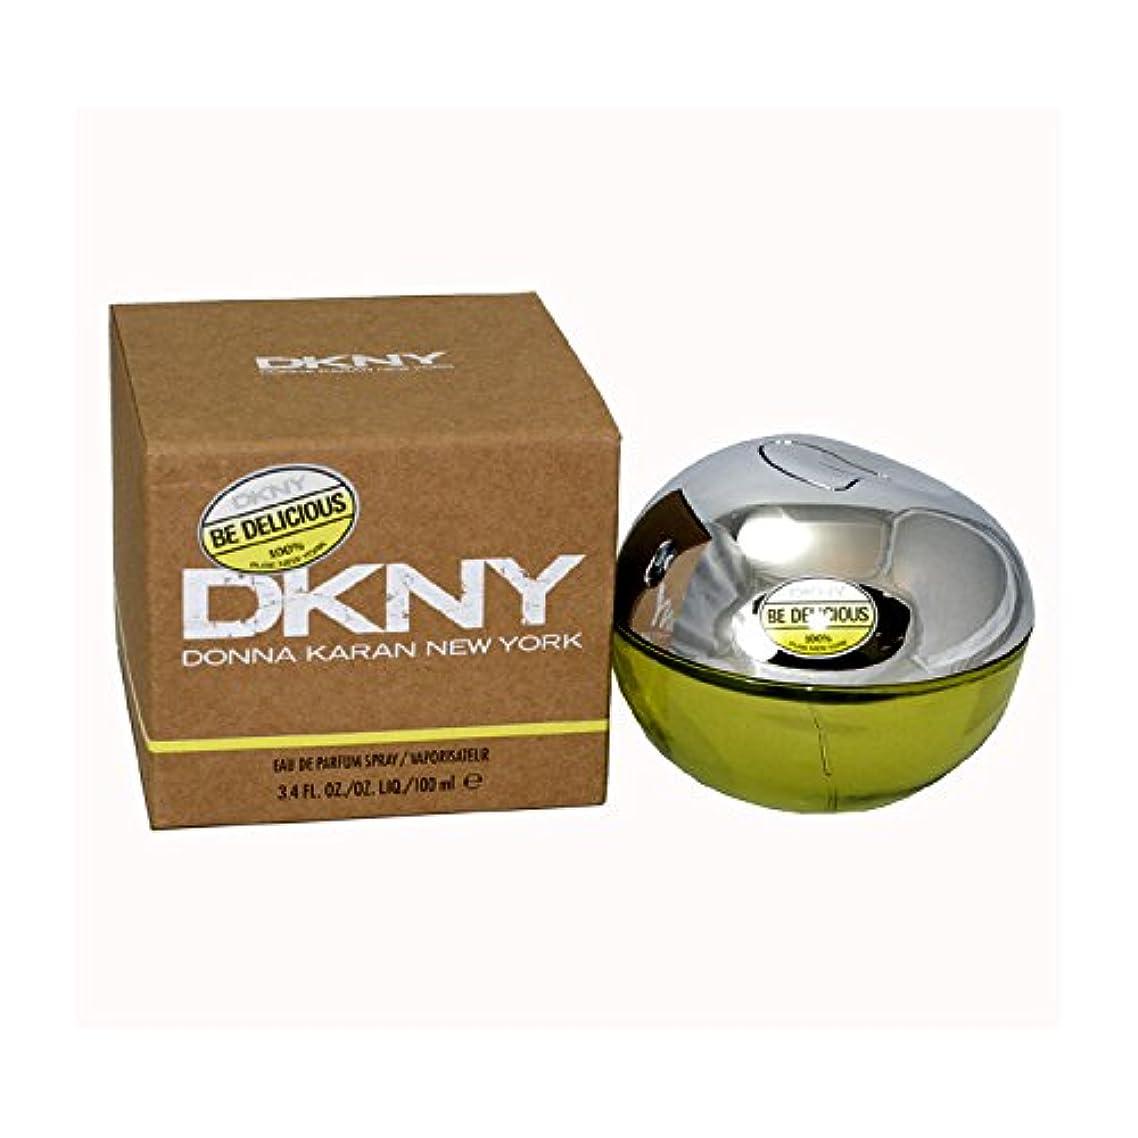 エントリフロンティア雑種ダナキャラン DKNYビーデリシャス オードパルファン スプレー 100ml (女性用)